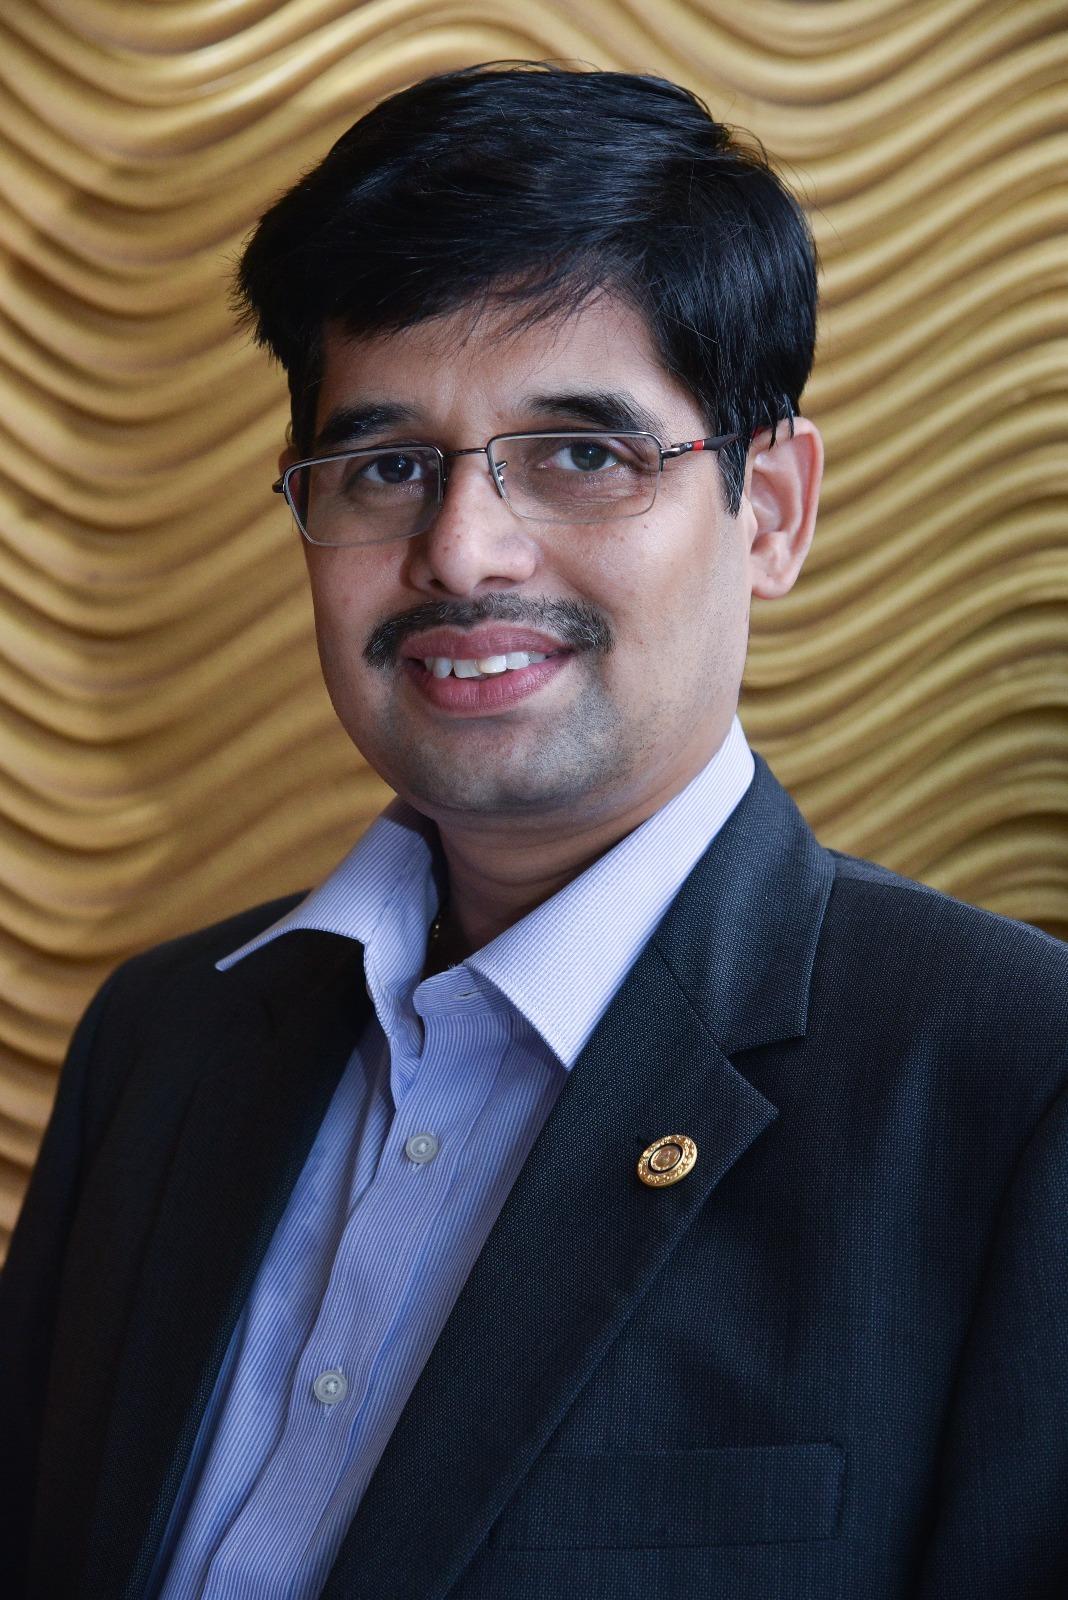 Narendra Prabhakar Mahajani